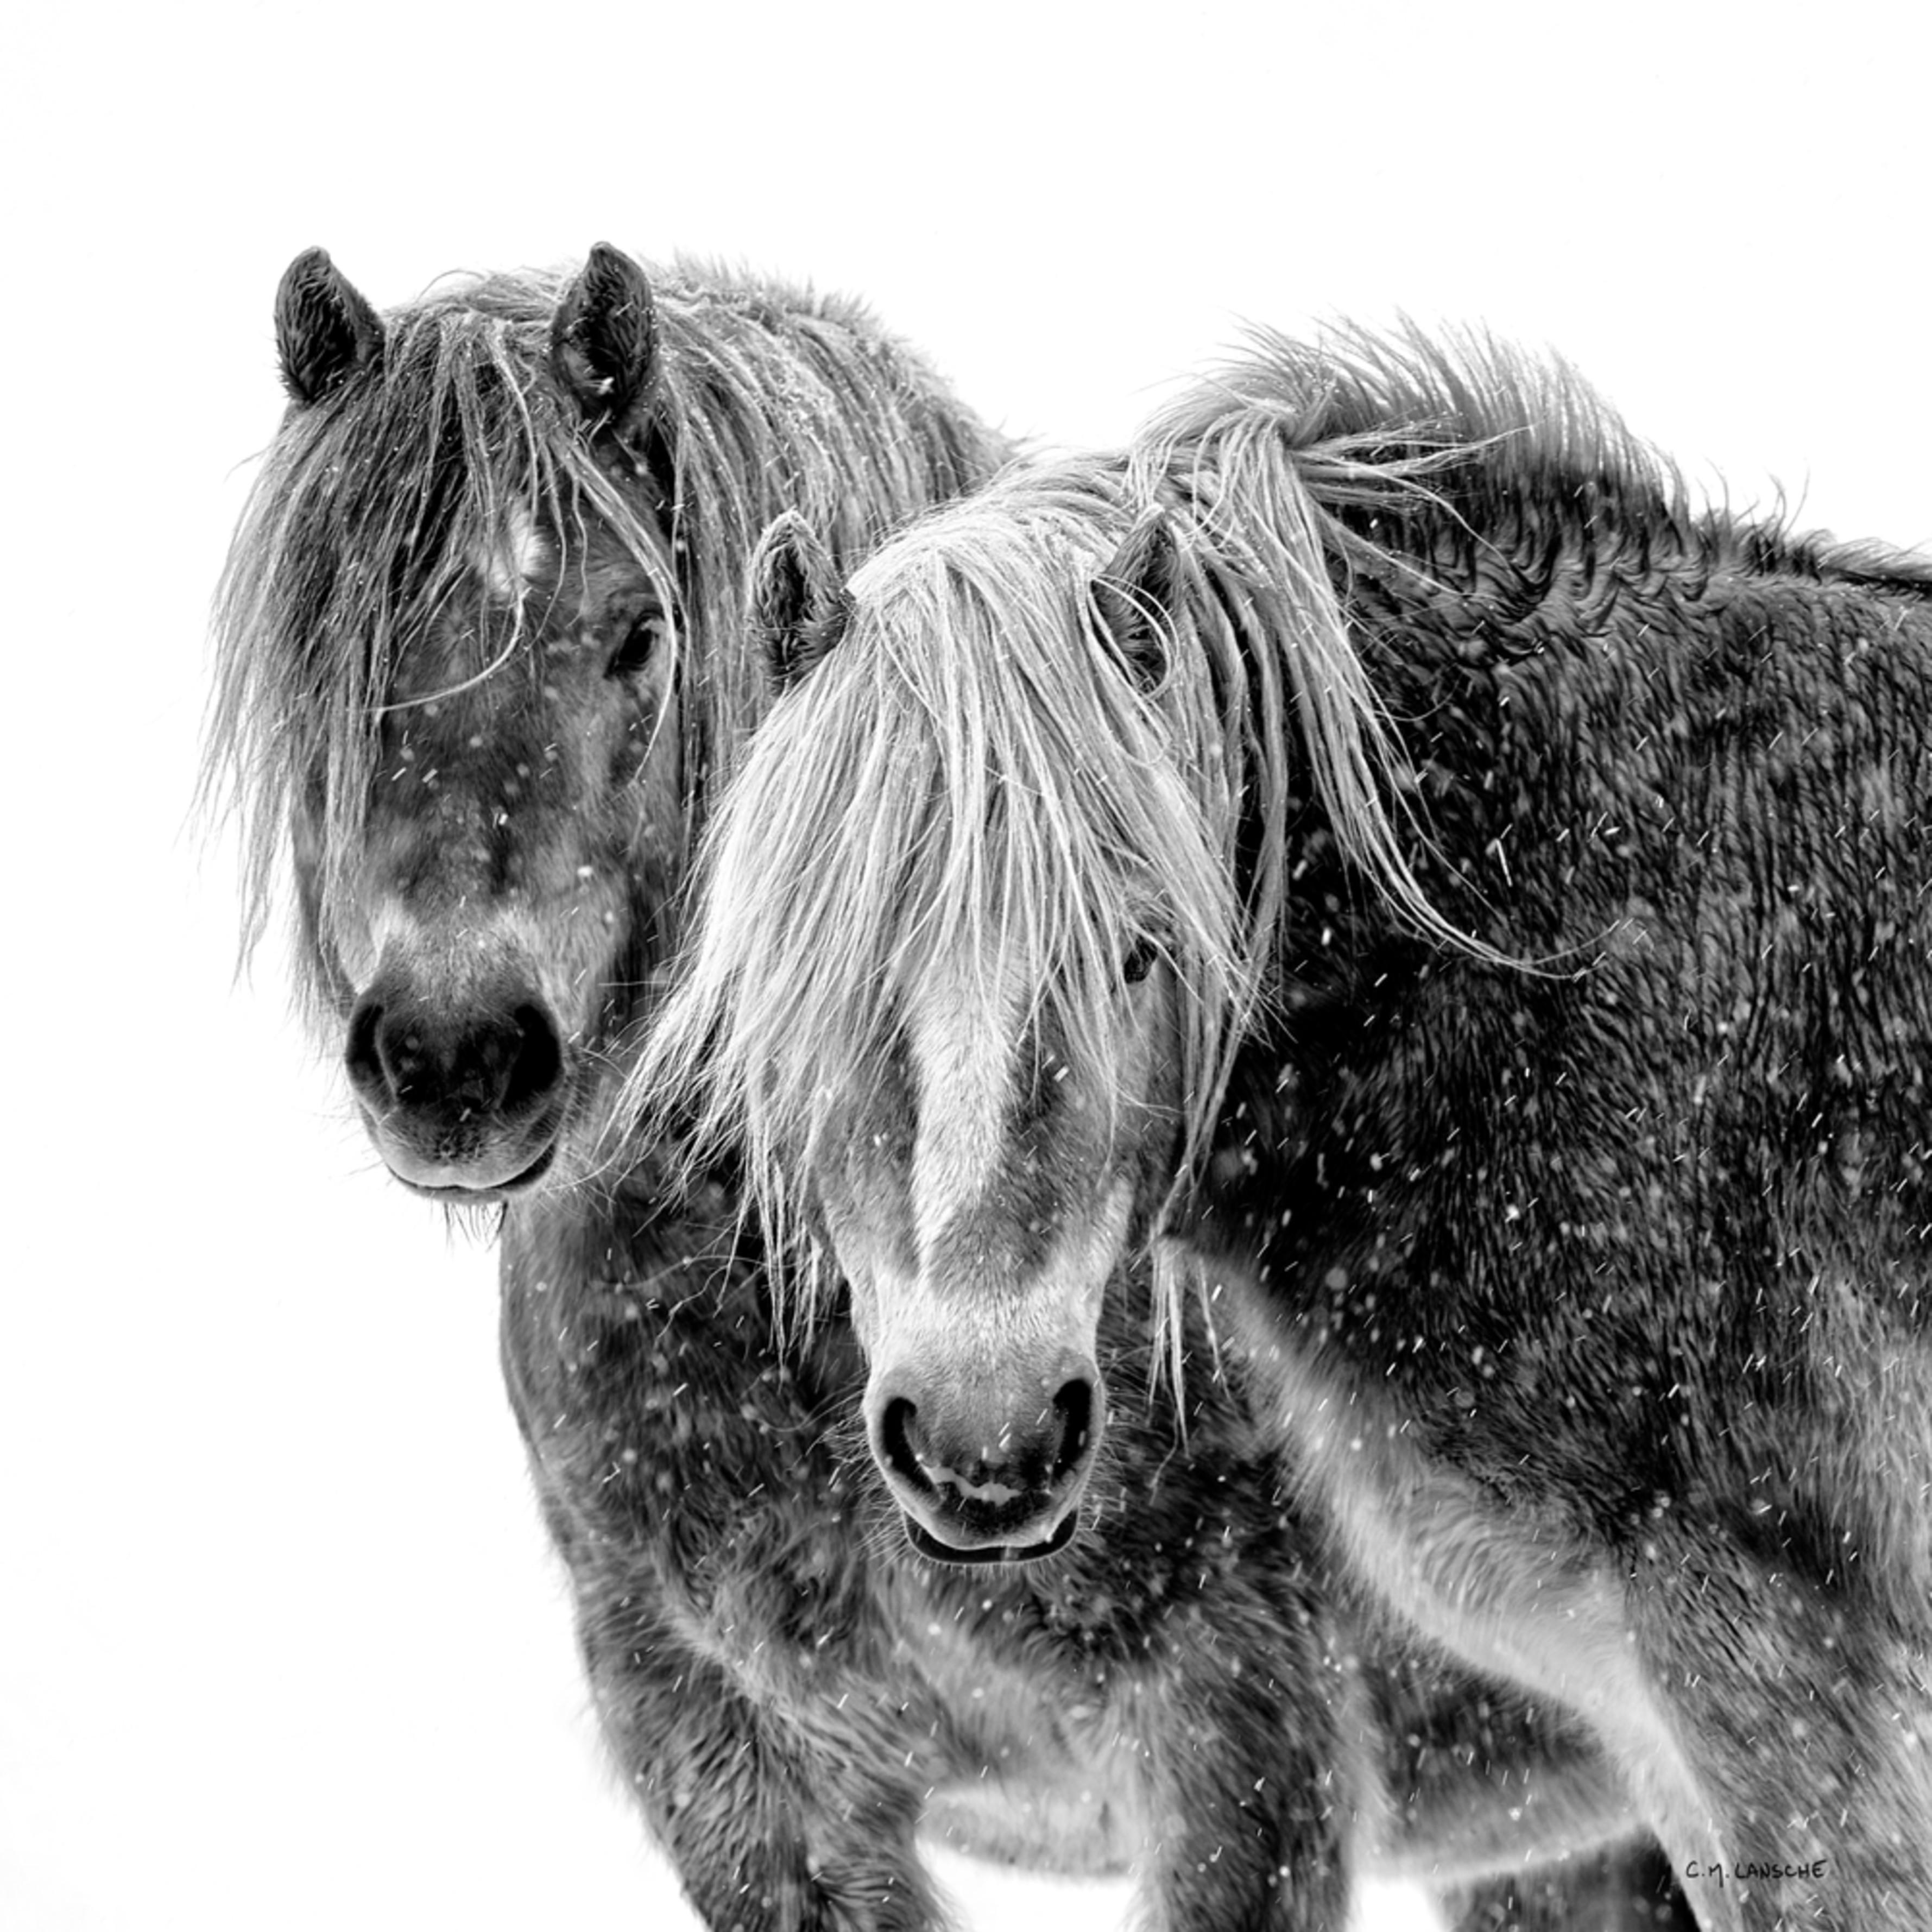 1534 winter portrait square 3558 x 3558 j100argb s1blko79p4h5v2rt 20180826 1459 xcit2o